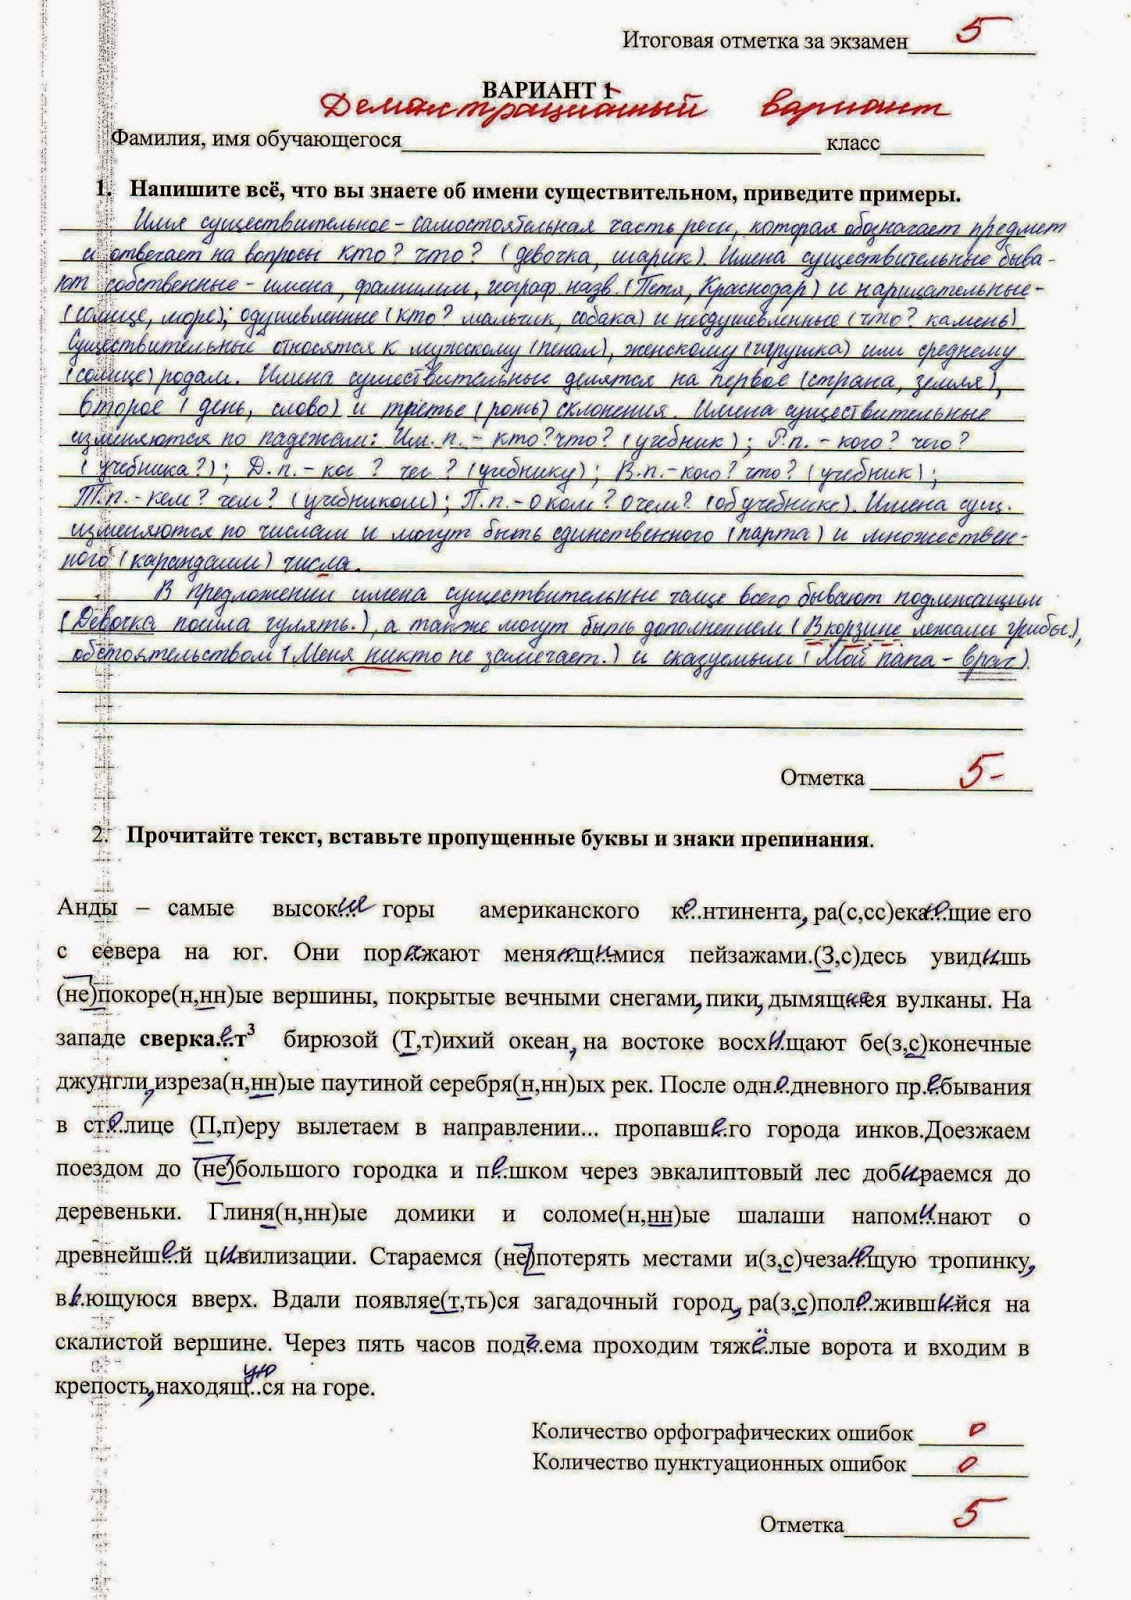 Контрольный диктант по русскому языку 7 класс по н и нн